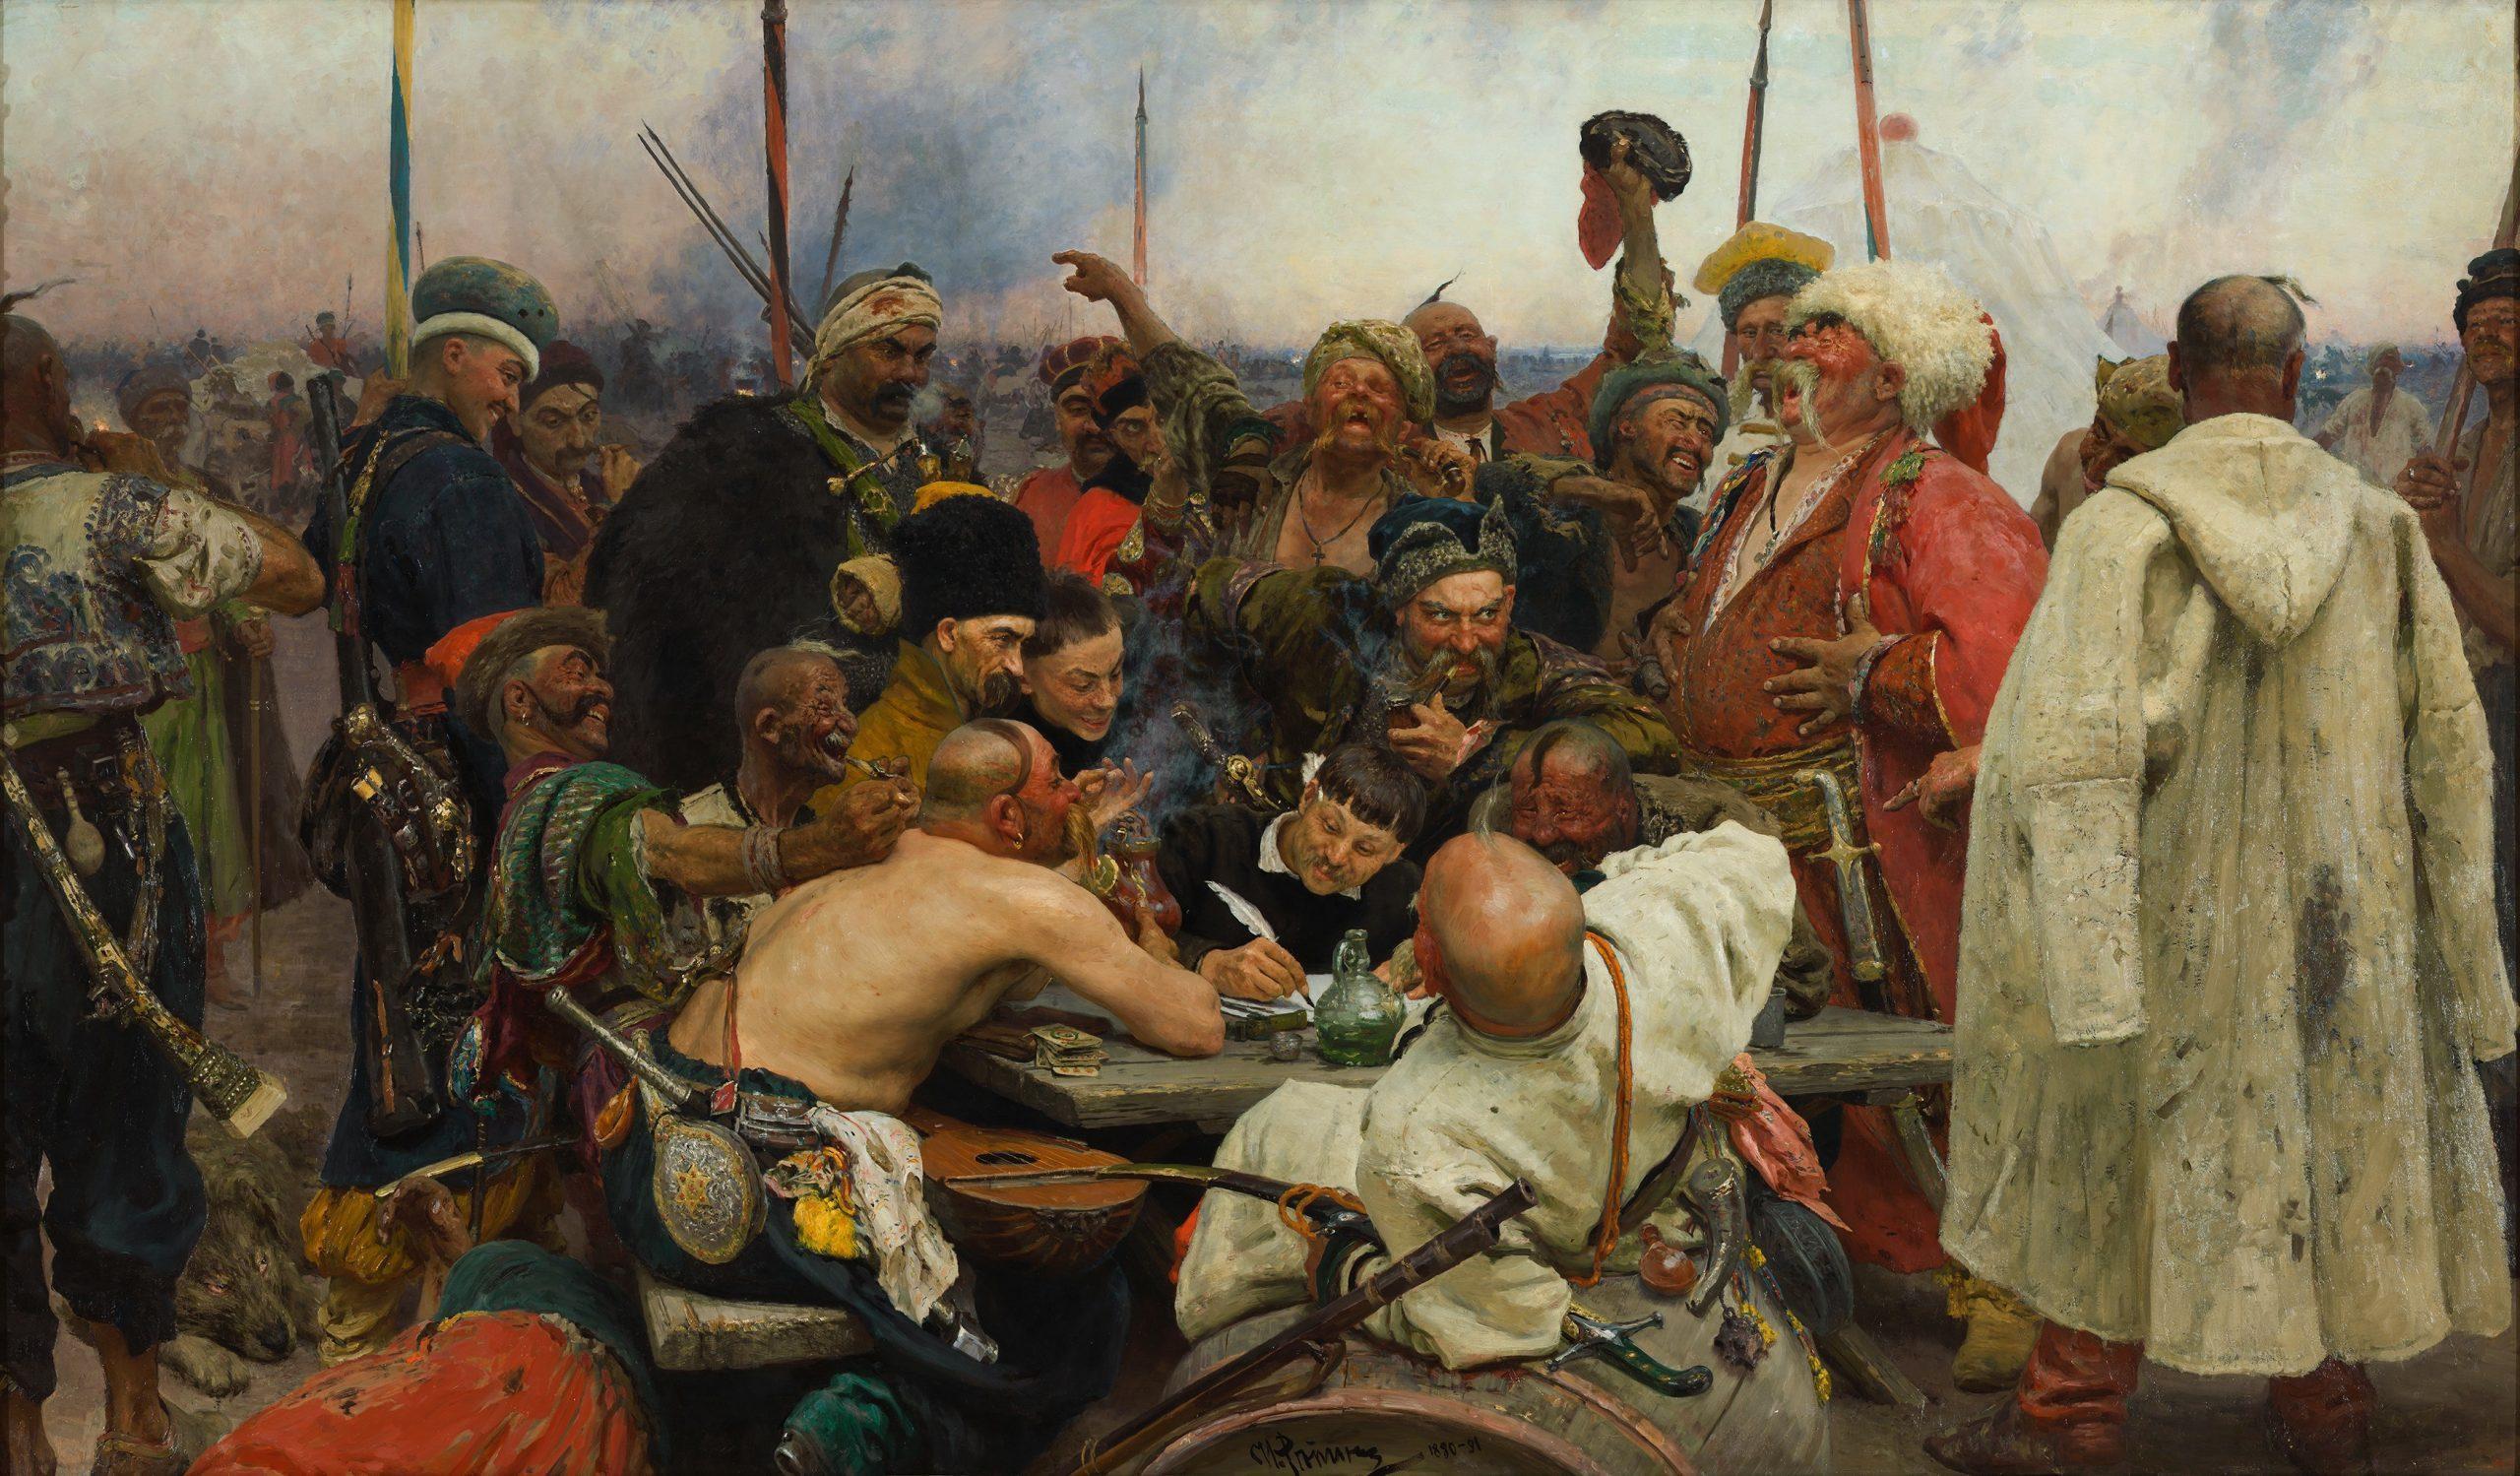 'Запорожці пишуть листа турецькому султану' (1880-1891)